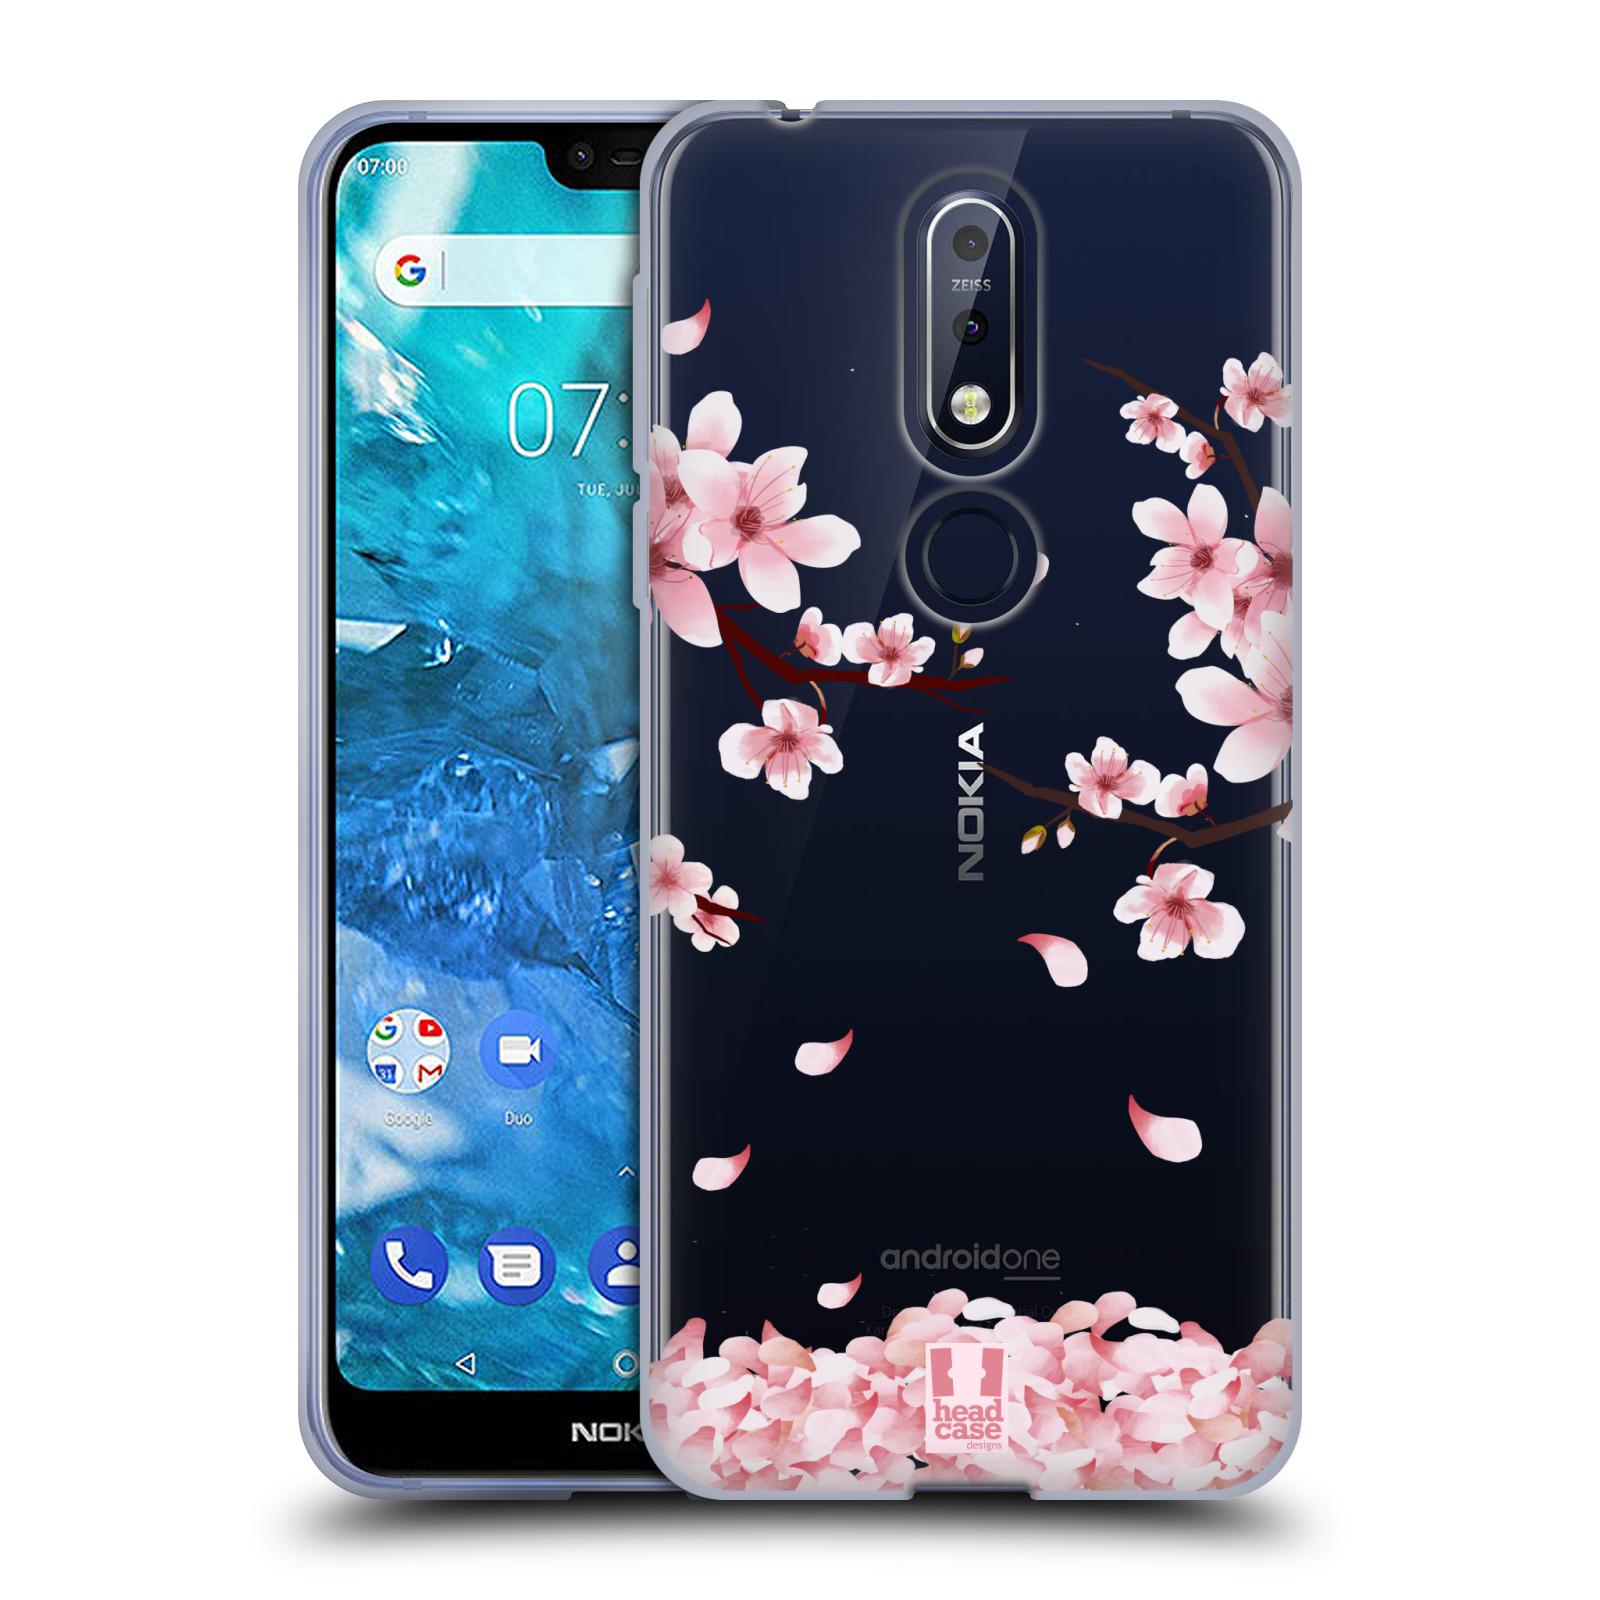 Silikonové pouzdro na mobil Nokia 7.1 - Head Case - Květy a větvičky